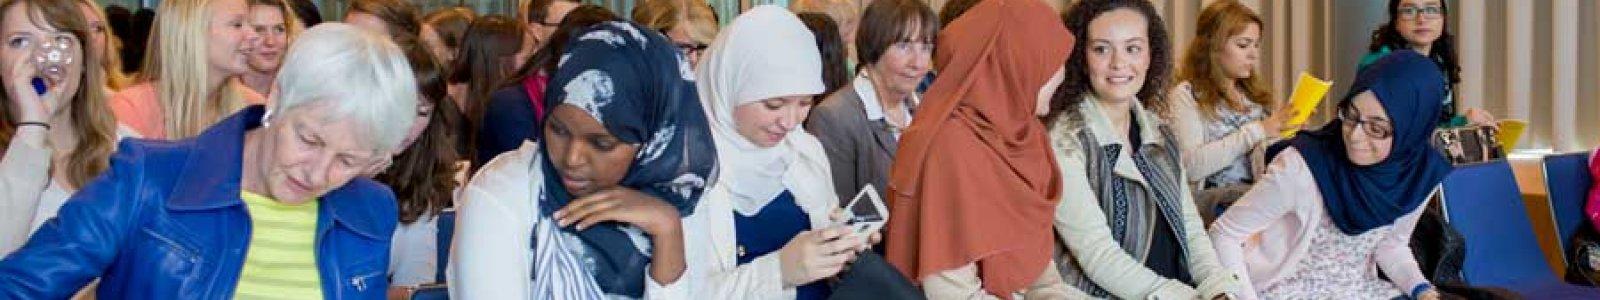 Westerdijk fellowship, diversiteit